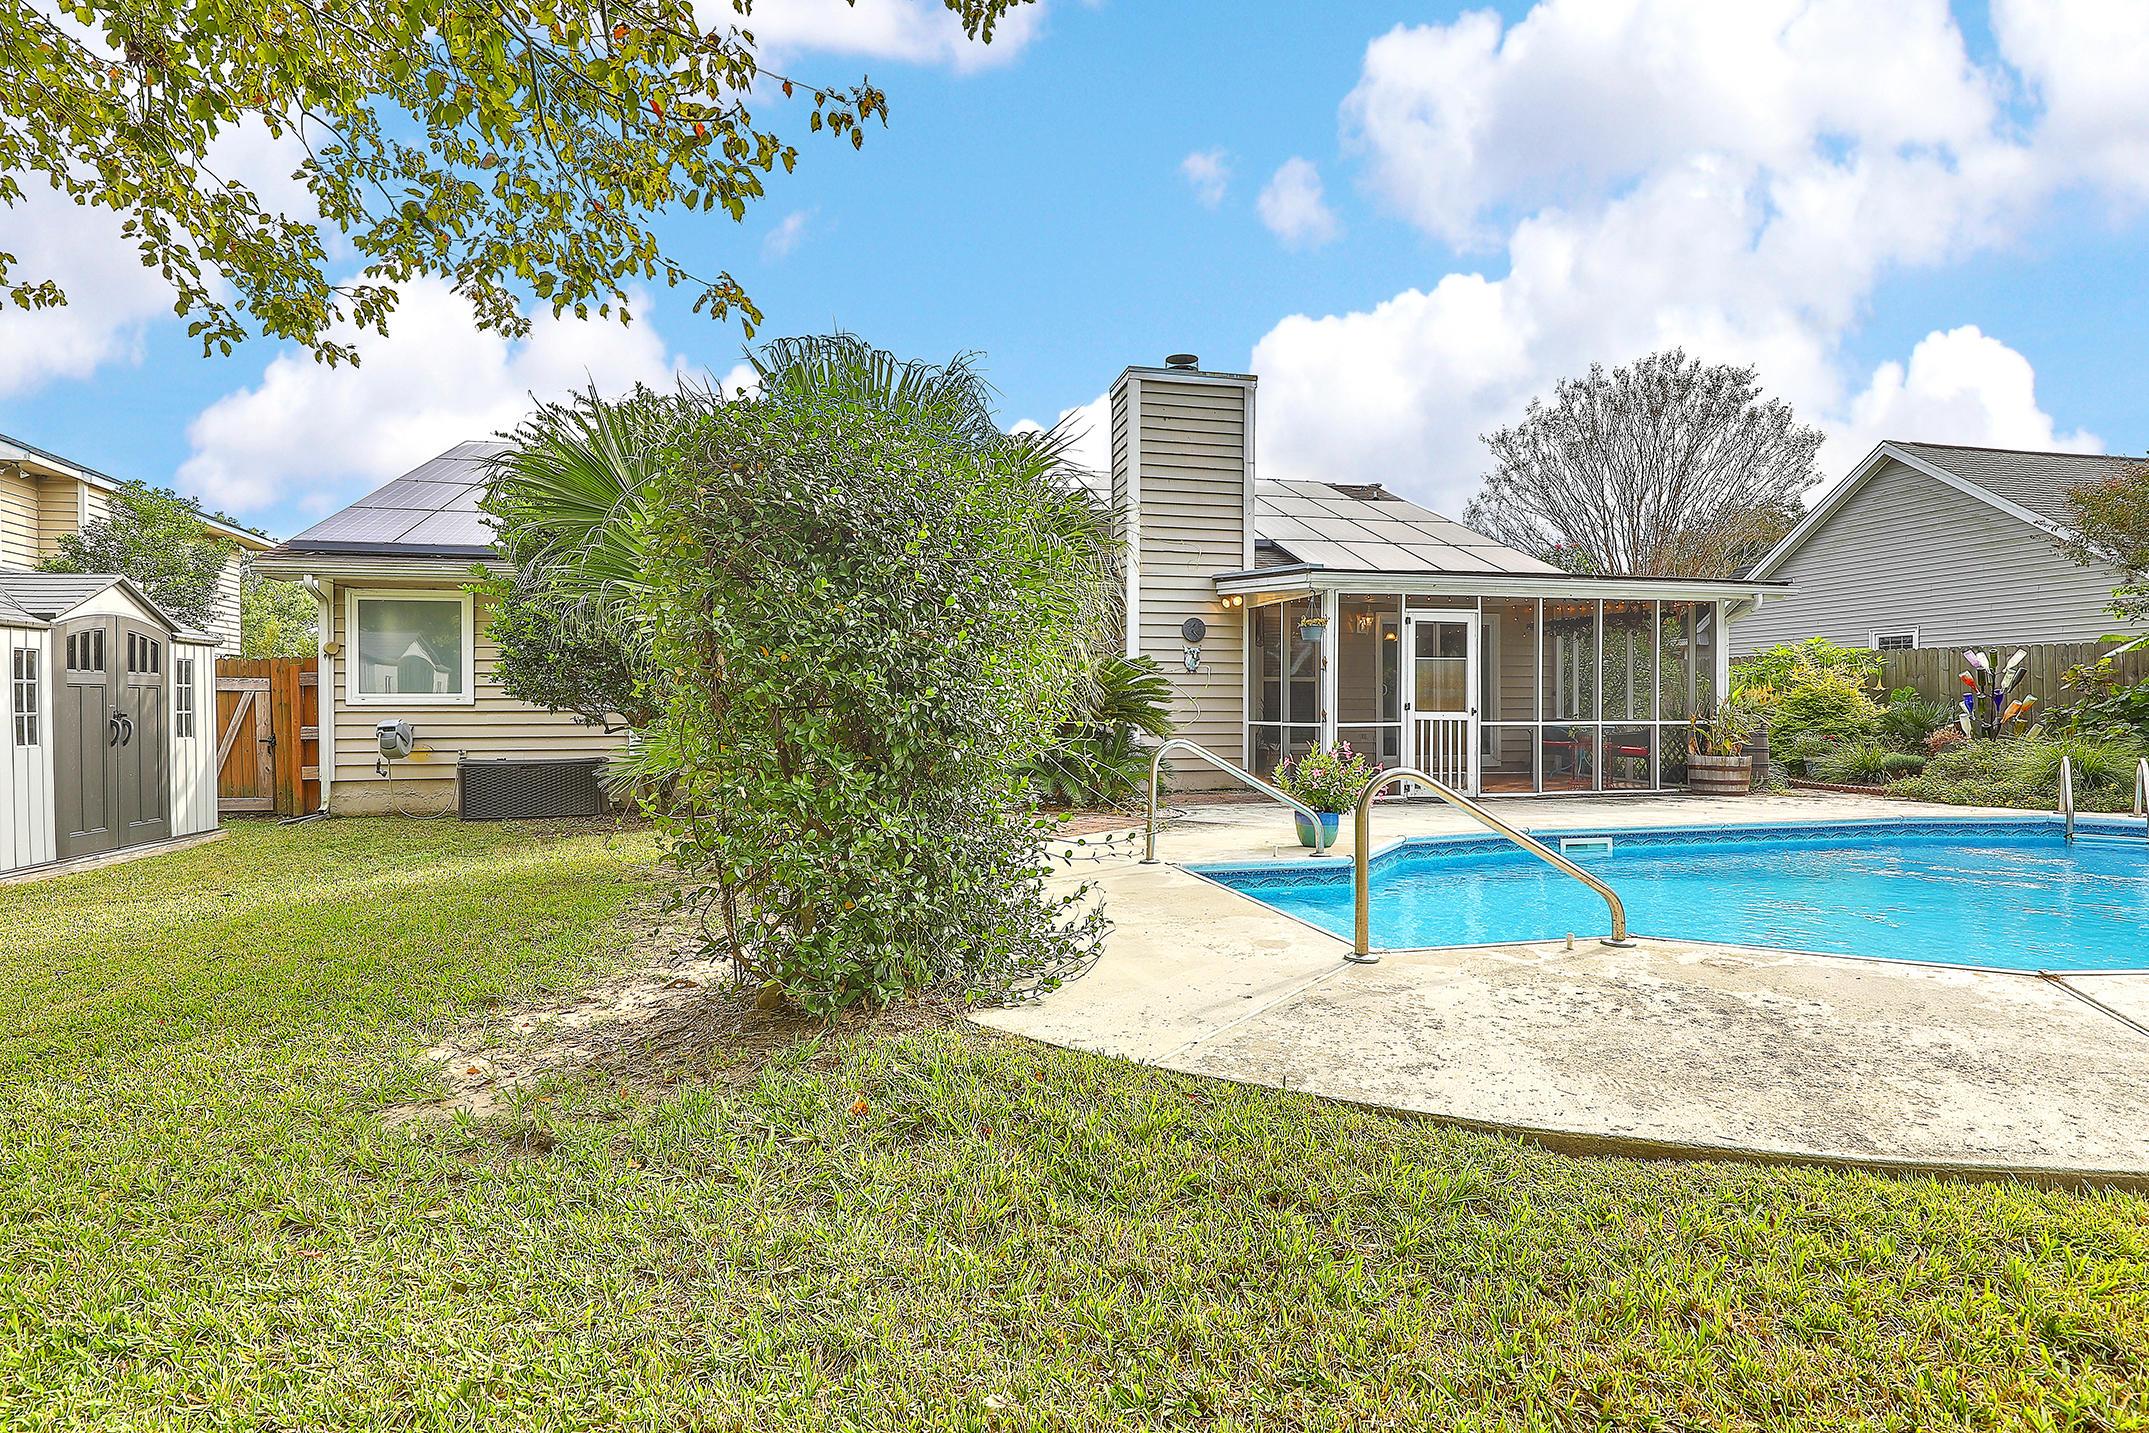 Coopers Landing Homes For Sale - 1474 Hidden Bridge, Mount Pleasant, SC - 22